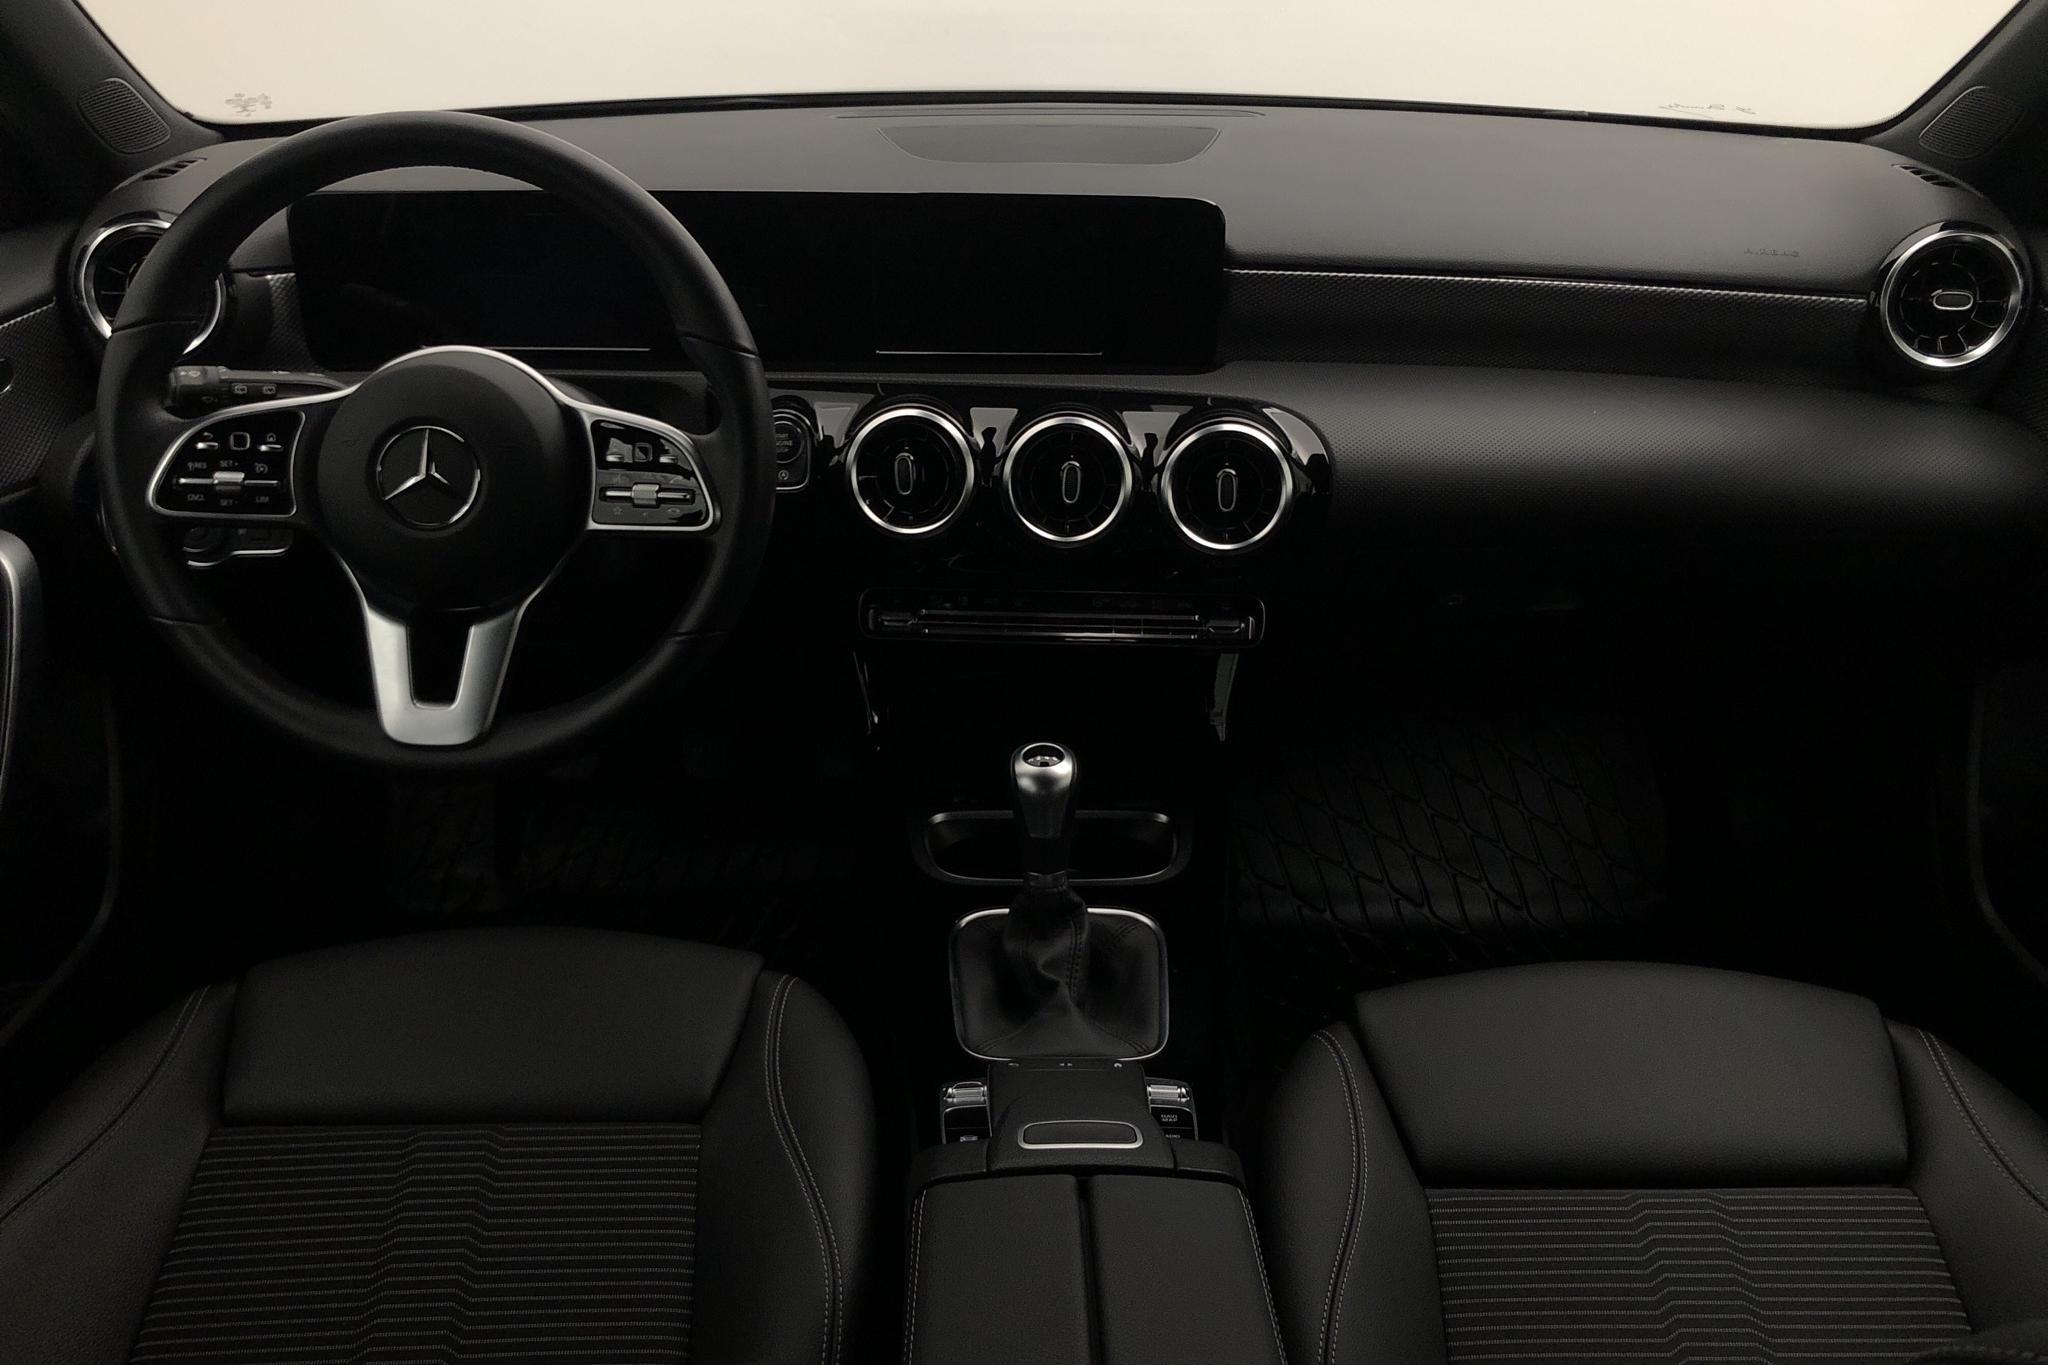 Mercedes A 180 5dr W177 (136hk) - 14 630 km - Manual - black - 2019